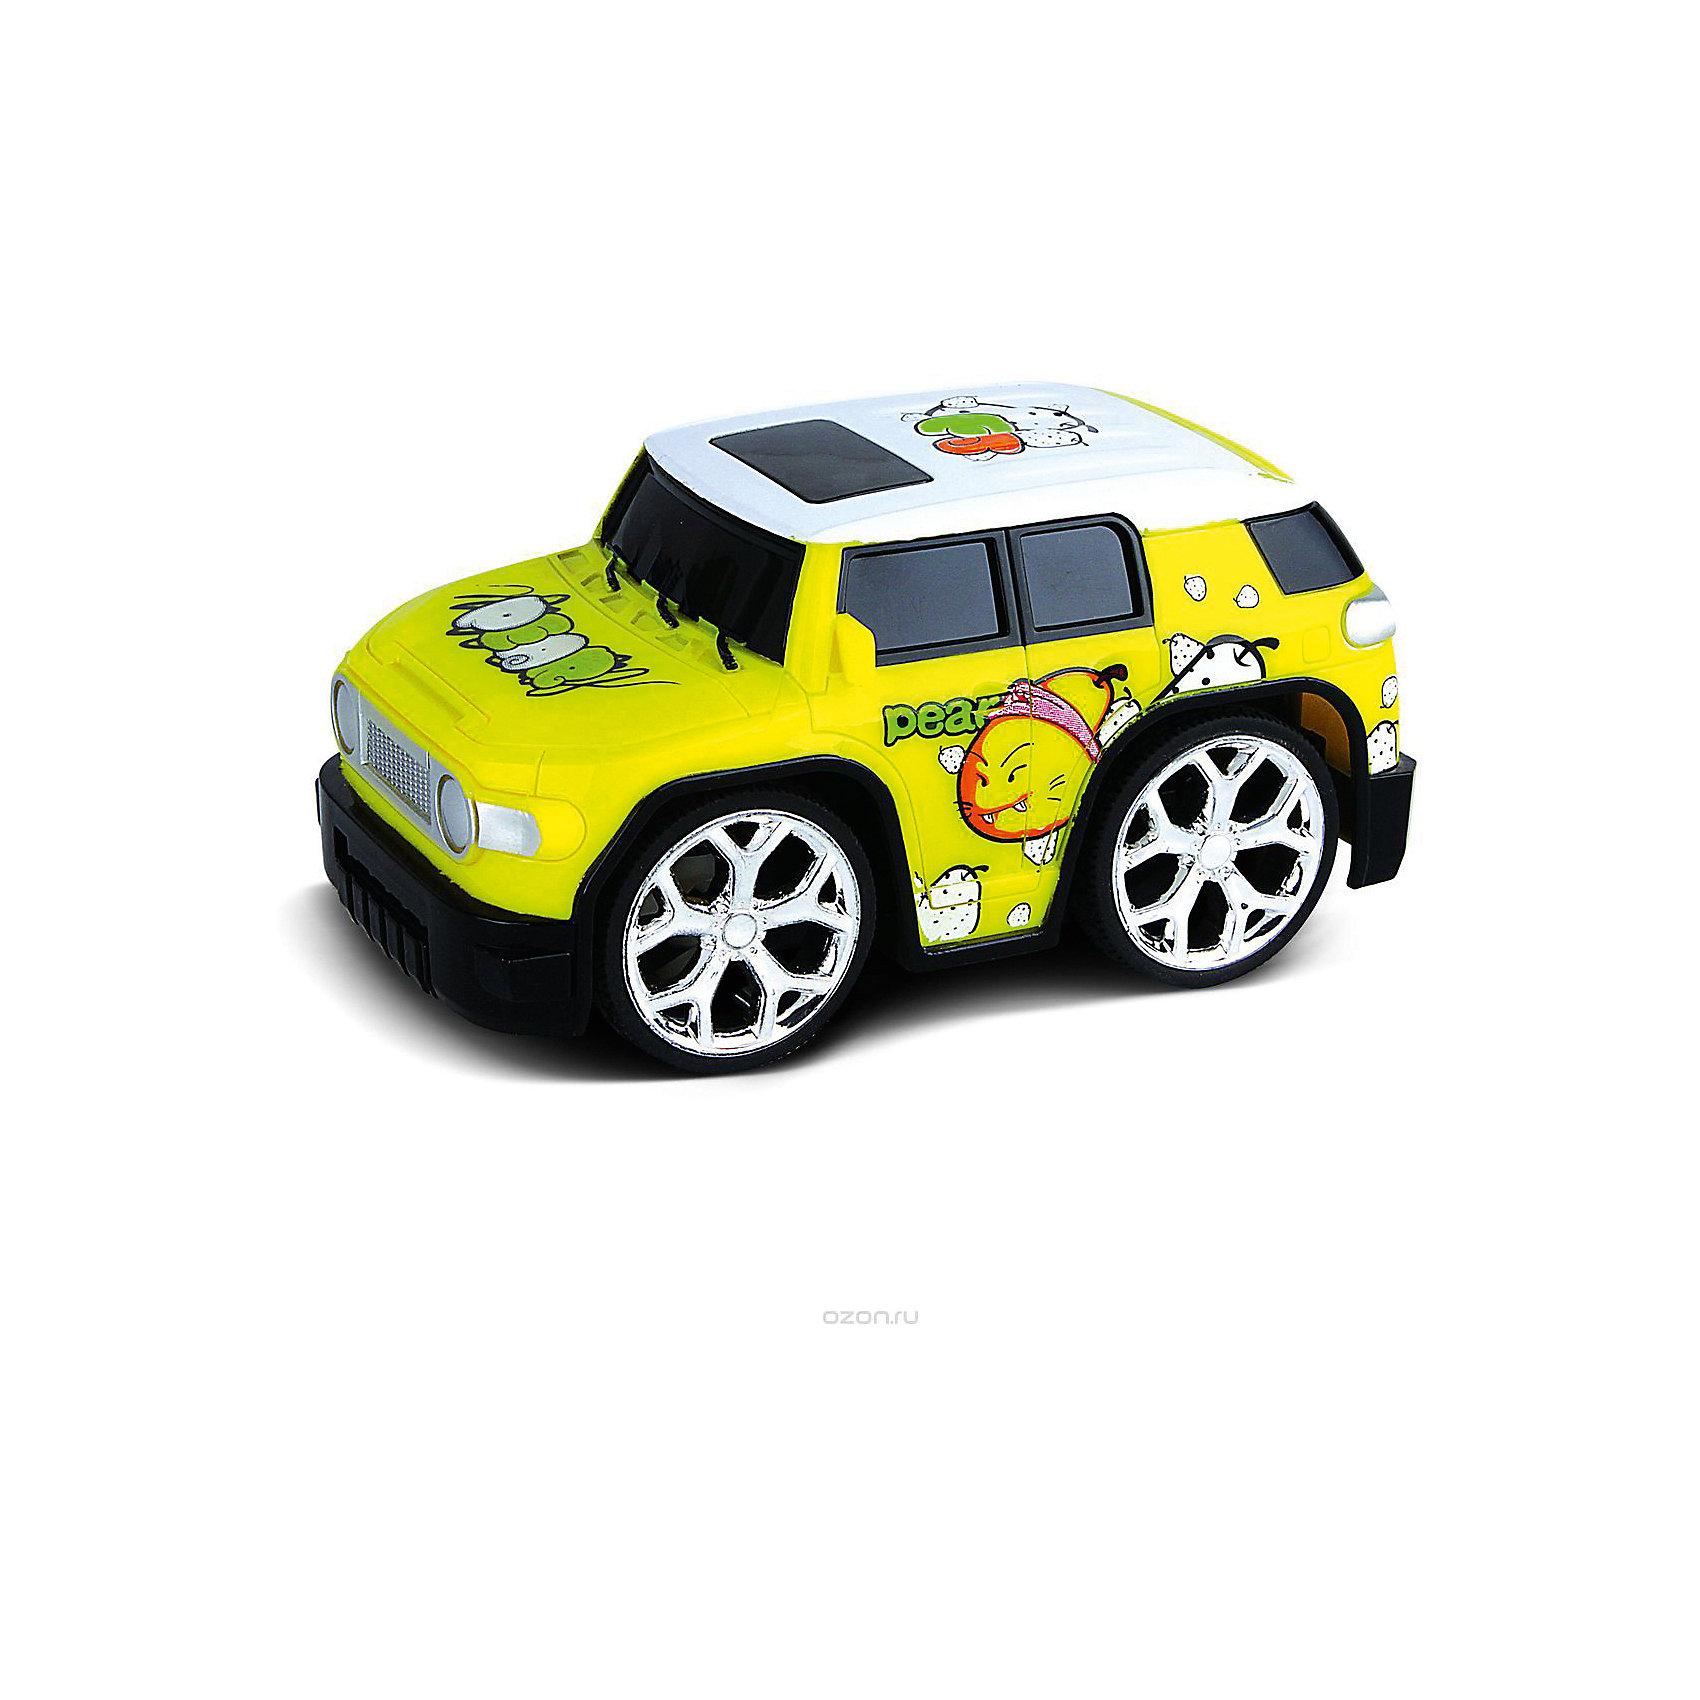 Машинка интерактивная со светом и звуком, голубая, Blue SeaМашинки<br>Машинка интерактивная со светом и звуком, голубая, Blue Sea (Блу Сии).<br><br>Характеристики:<br><br>- Цвет: голубой.<br>- Состав: пластик,металл.<br>- Размер машины: 12,5х7х7 см<br>- Инерционная игрушка.<br><br>Машинка интерактивная со светом и звуком, голубой, - .это отличная игрушка от бренда Blue Sea (Блу Сии). Эта маленькая машинка с большими колесами одна из целой серии интерактивных машинок. На ее крыше расположены 3 кнопки с интерактивными функциями. Запрограммированы следующие функции: воспроизведение звука запуска двигателя, воспроизведение мелодии, воспроизведение звука работающего двигателя и движение машинки вперед. Игрушка выполнена из качественных сертифицированных материалов.<br><br>Машинку интерактивную со светом и звуком, голубой, Blue Sea (Блу Сии), можно купить в нашем интернет - магазине.<br><br>Ширина мм: 162<br>Глубина мм: 105<br>Высота мм: 115<br>Вес г: 210<br>Возраст от месяцев: 36<br>Возраст до месяцев: 2147483647<br>Пол: Мужской<br>Возраст: Детский<br>SKU: 5419363